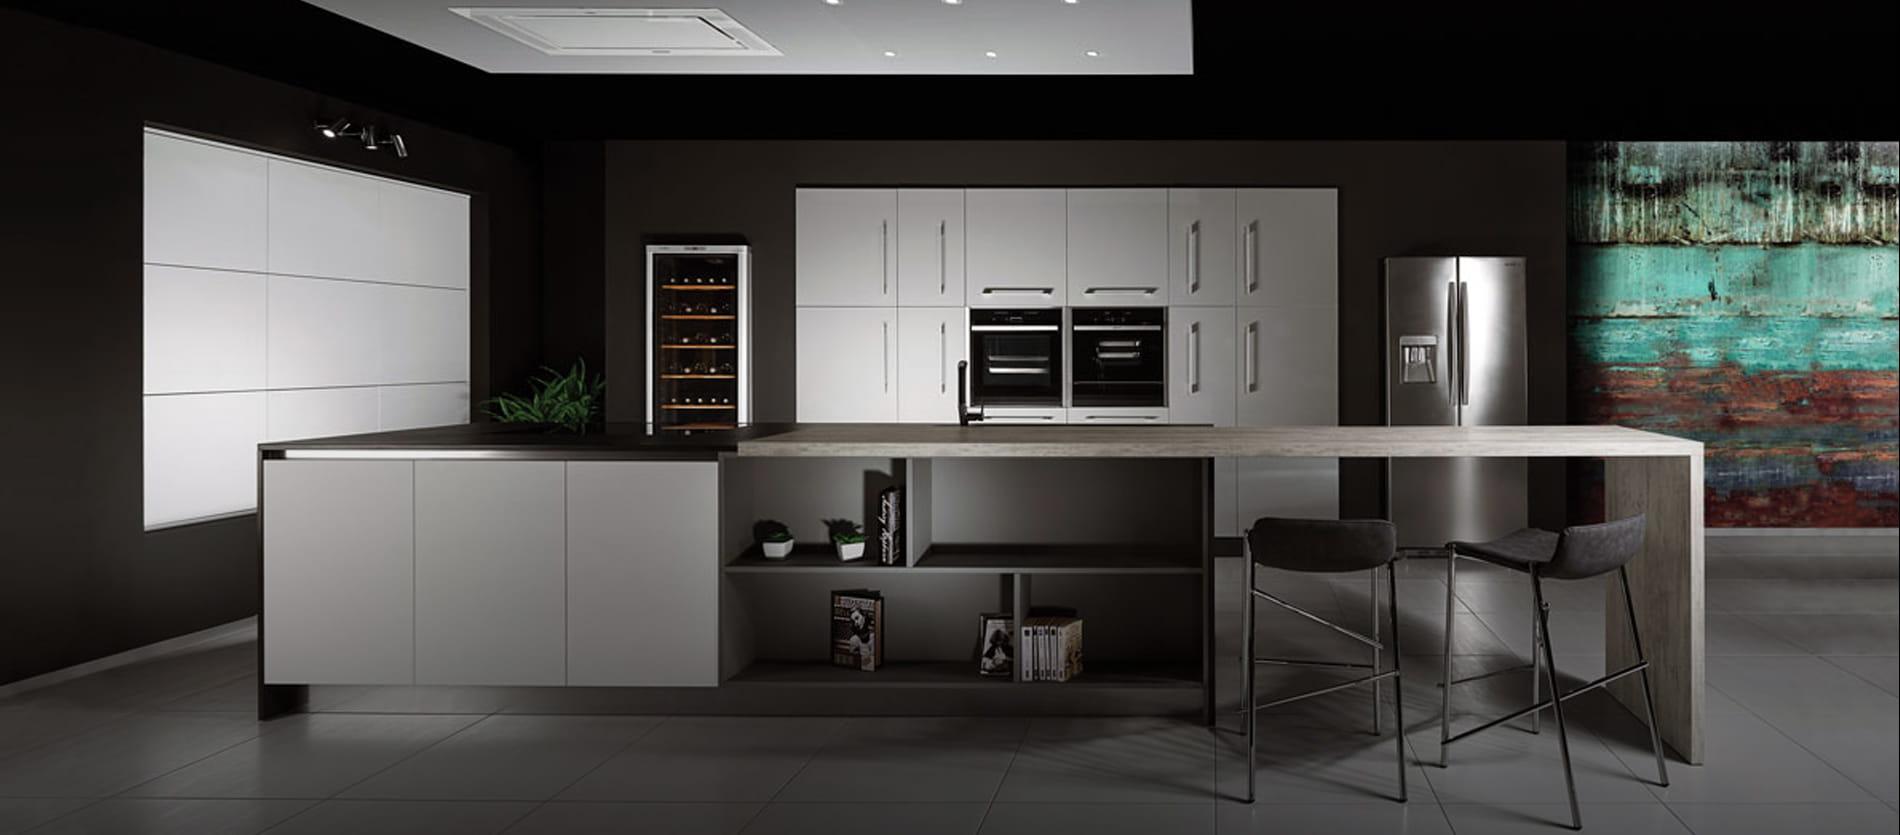 artisan b niste d art mont de marsan les landes 40 le doc du meuble. Black Bedroom Furniture Sets. Home Design Ideas